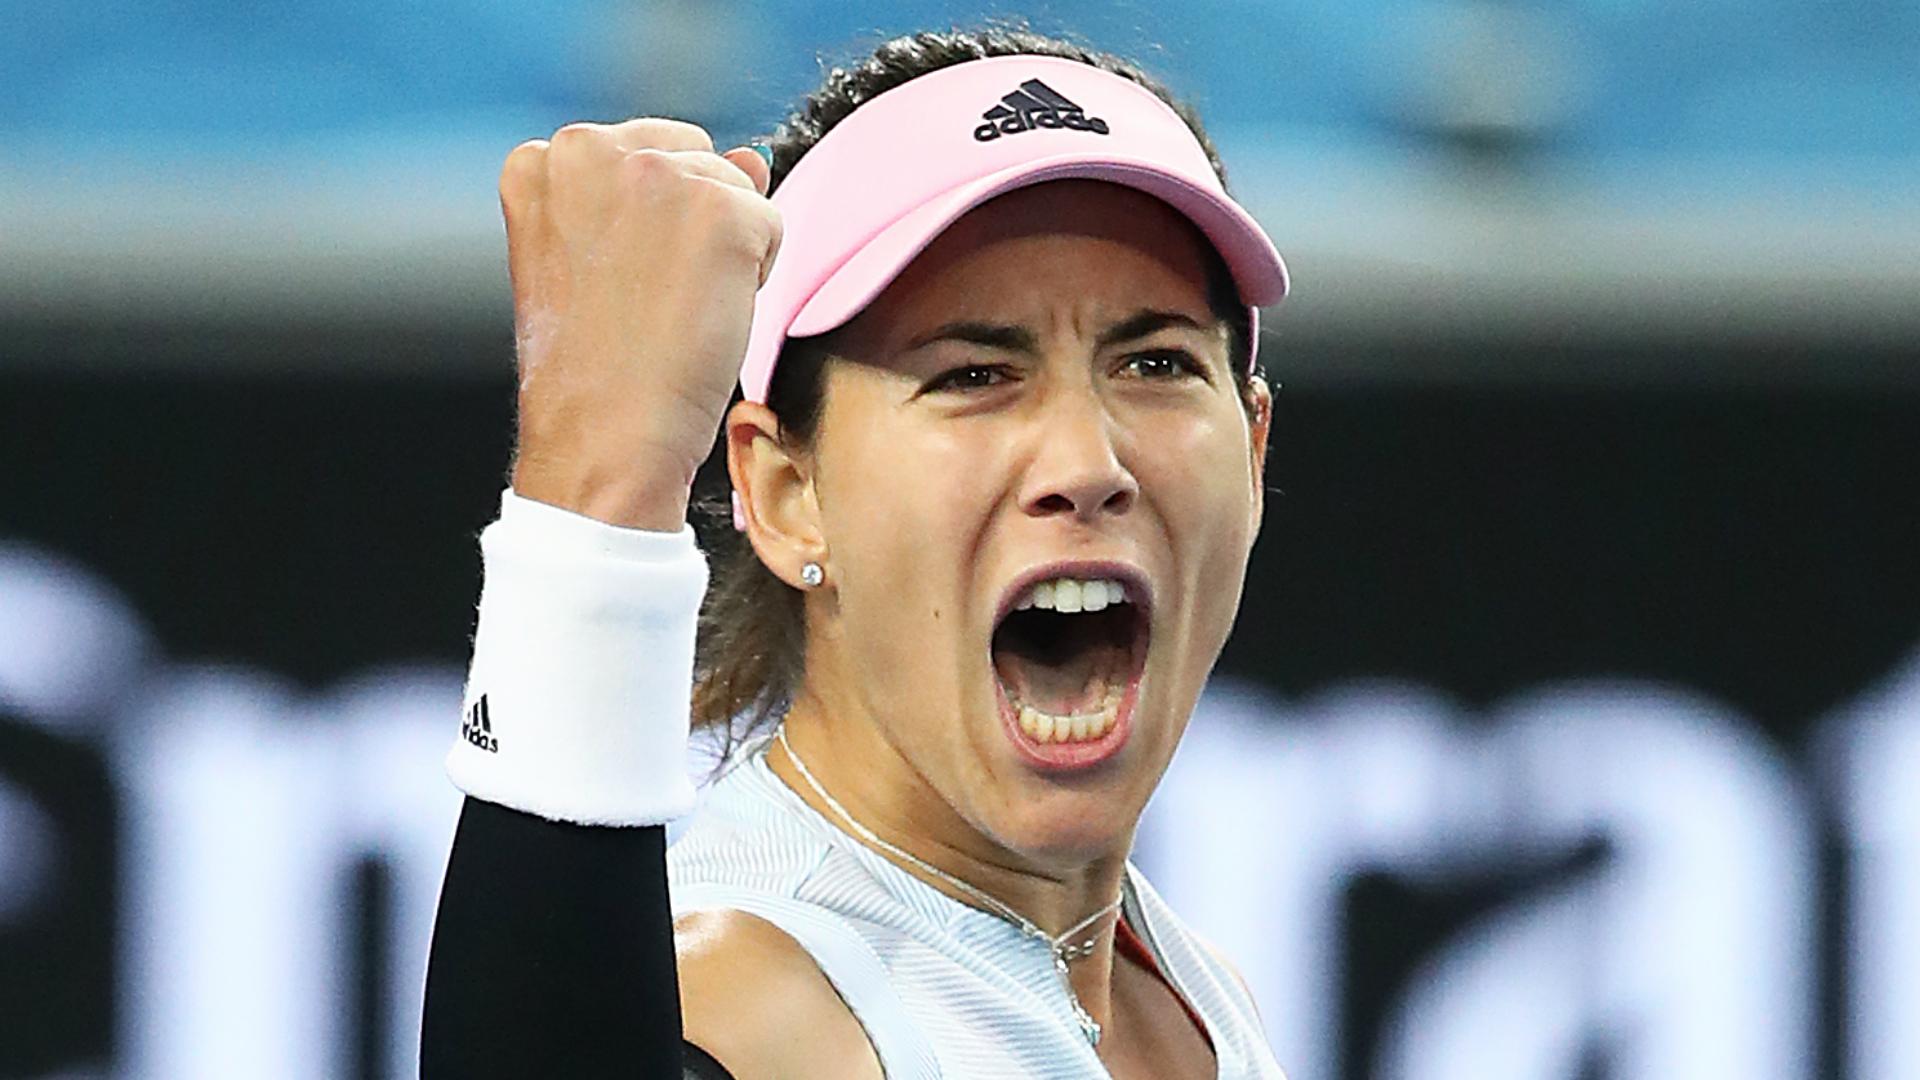 Australian Open: Victoria Azarenka advances, Garbine